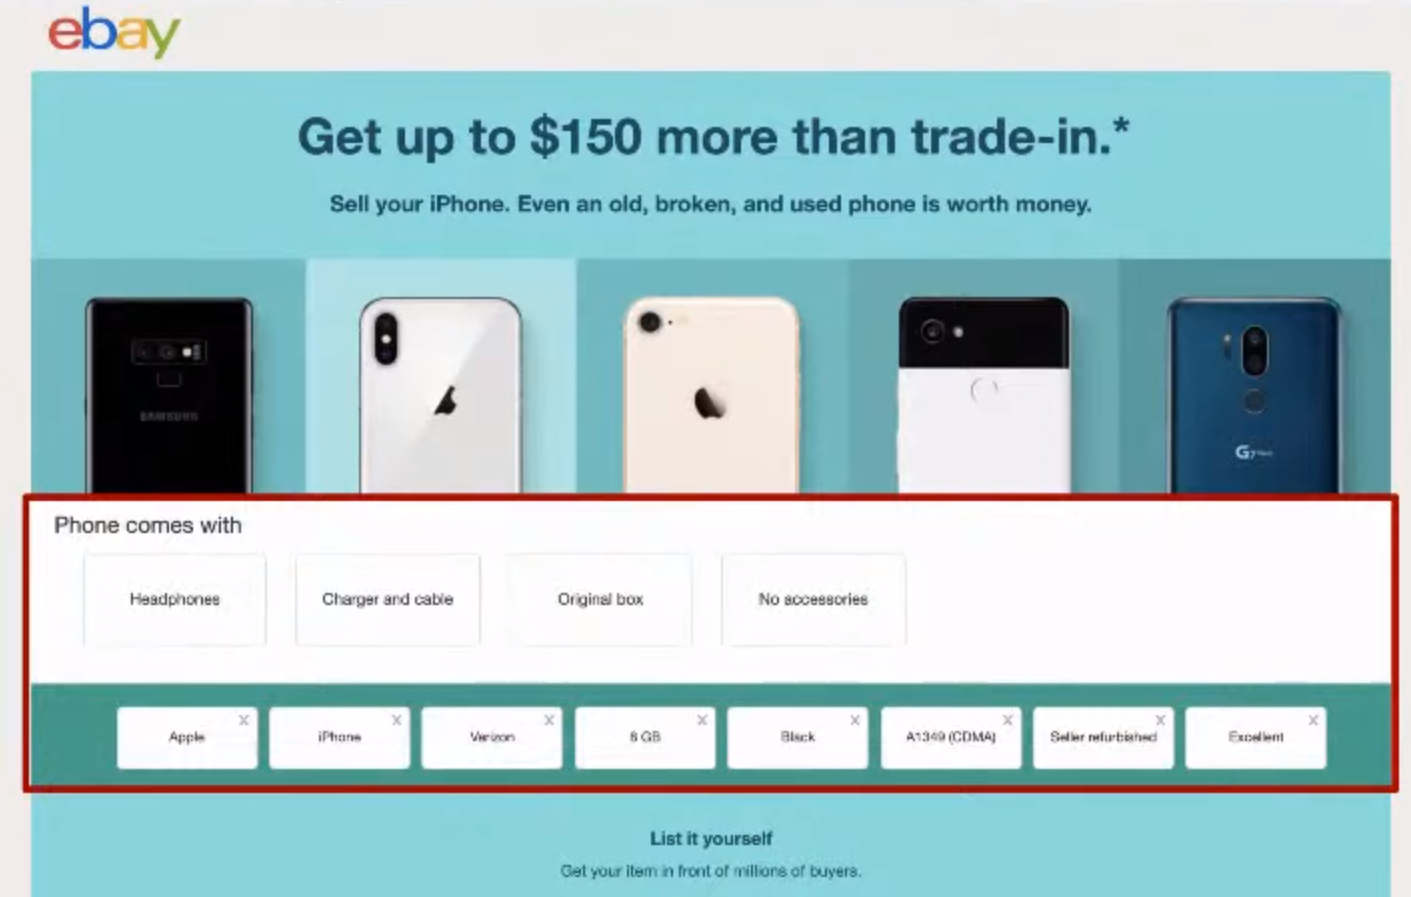 Ebay marketplace example